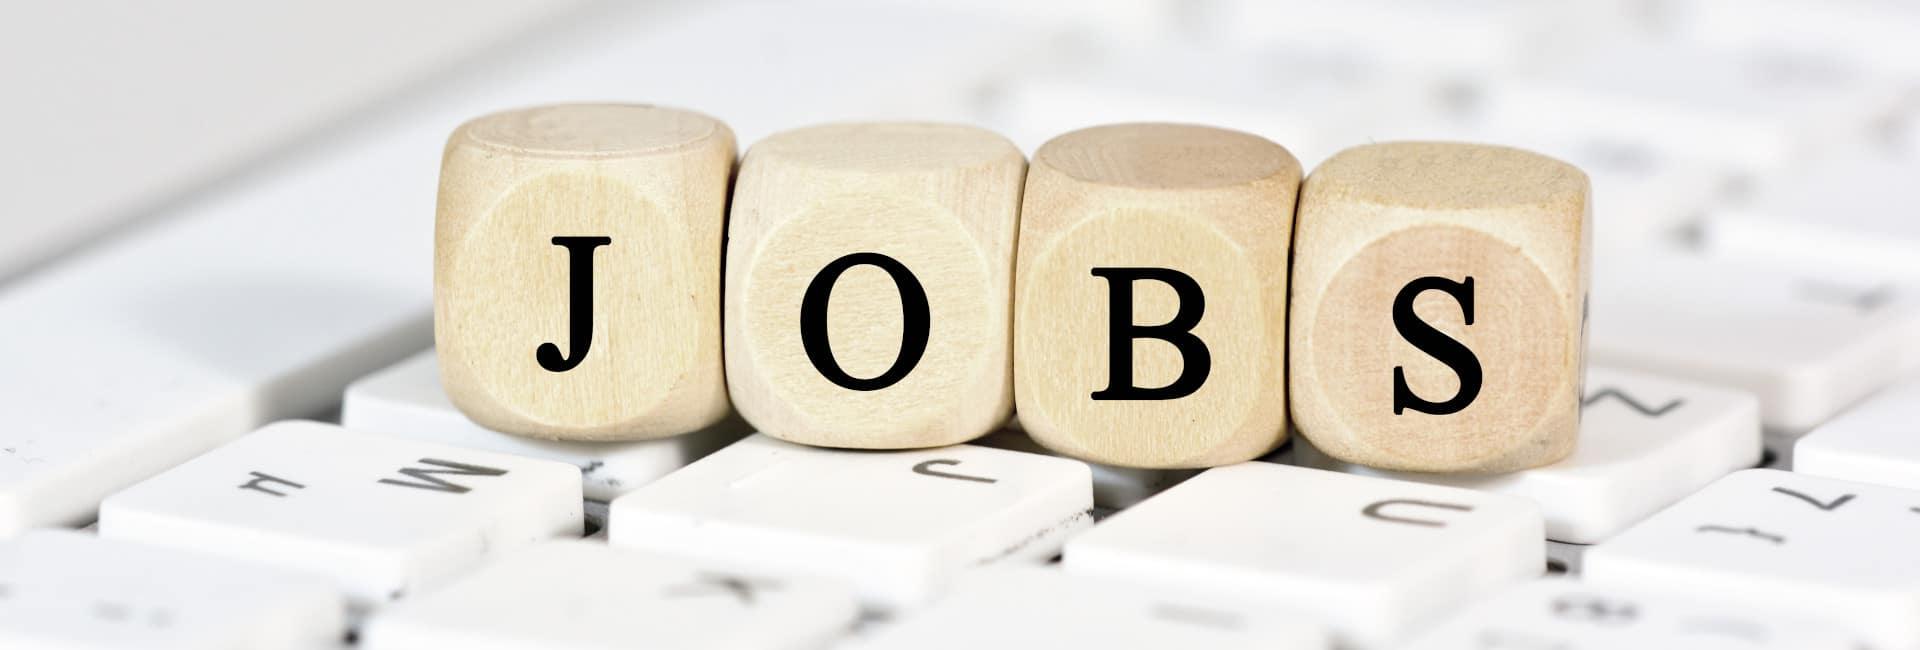 Jobs Prototec